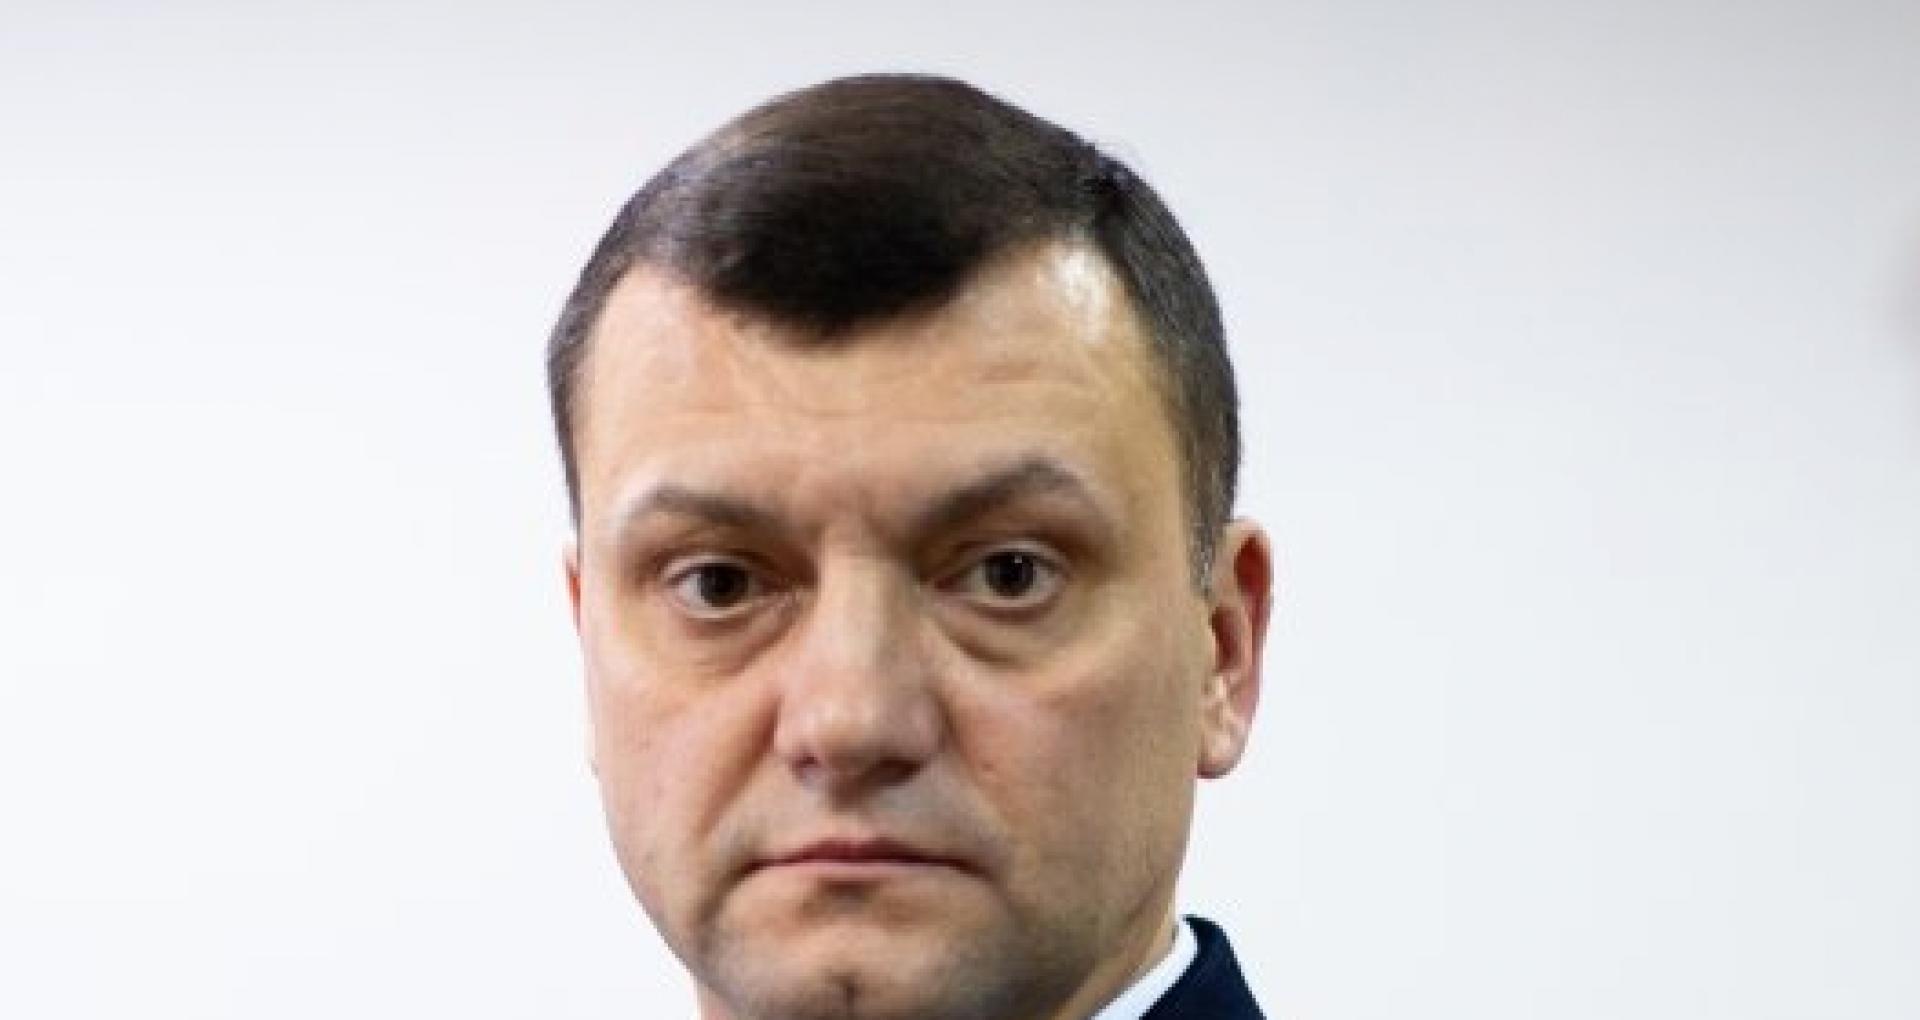 Schimbare la conducerea Poliției de Frontieră. Corneliu Groza a demisionat din funcție și ar urma să fie înlocuit cu șeful-adjunct al SPPS, Petru Corduneanu